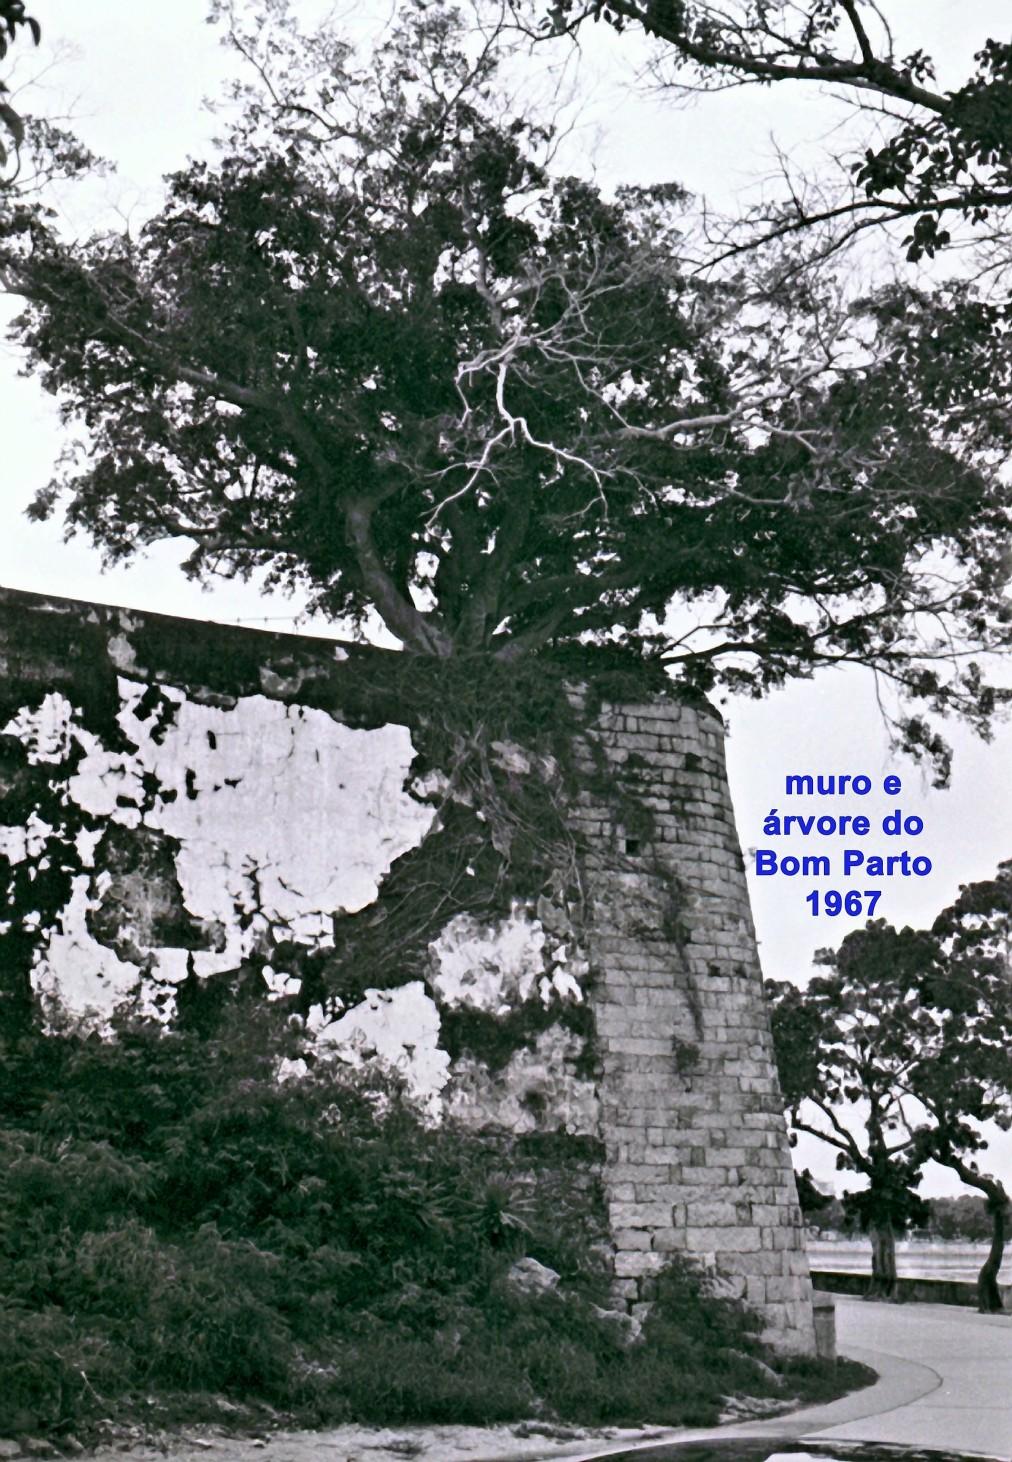 157 67 muro e árvore do Bom Parto